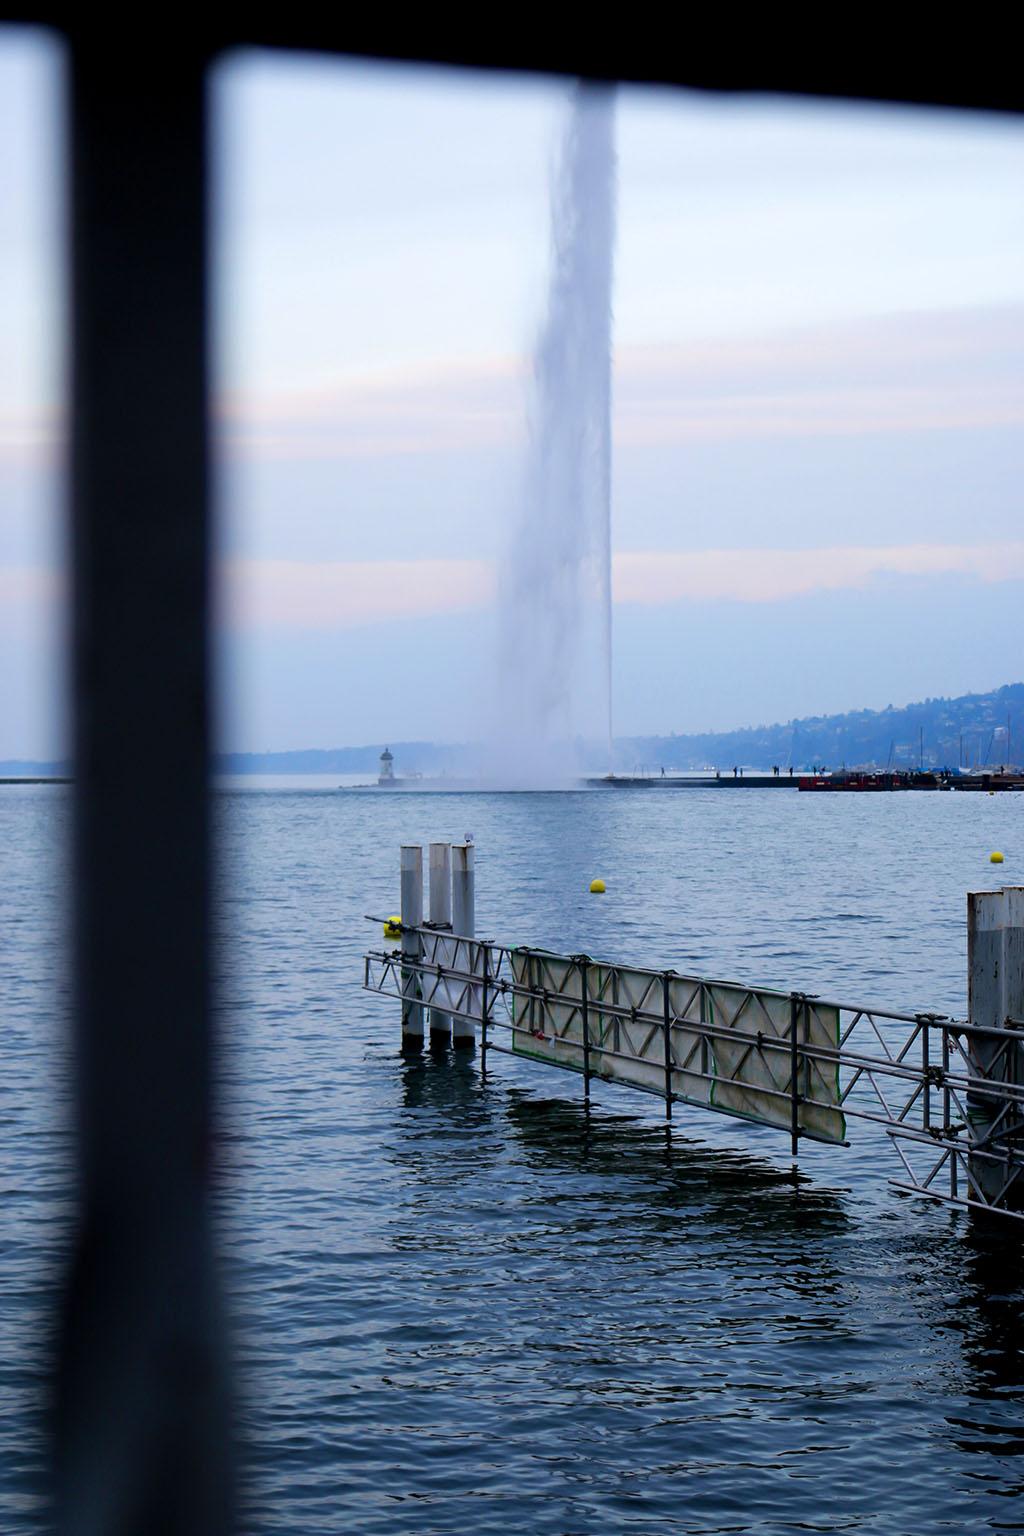 genève en suisse par lepetitmondedelodie